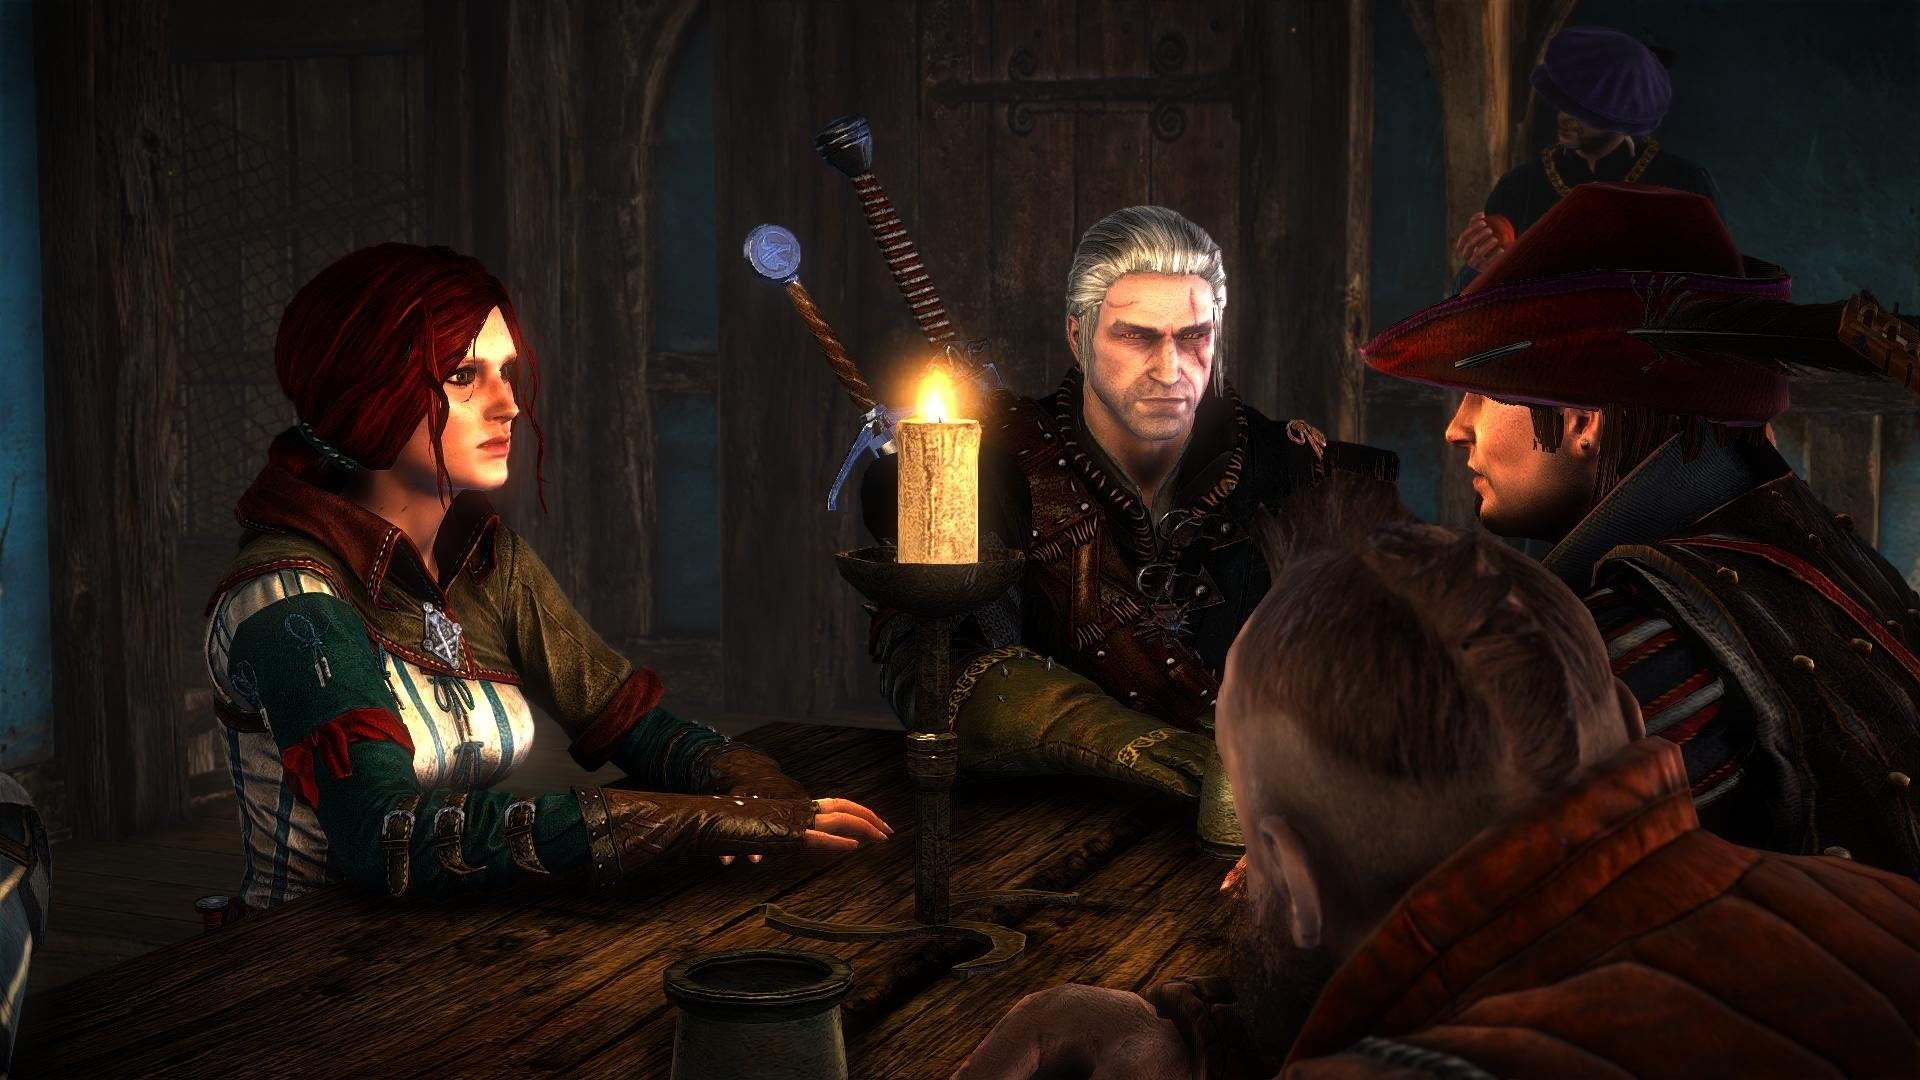 The Witcher 2 Assassins of Kings Dandelion Zoltan Chivay Geralt Triss  Merigold wallpaper | | 696593 | WallpaperUP